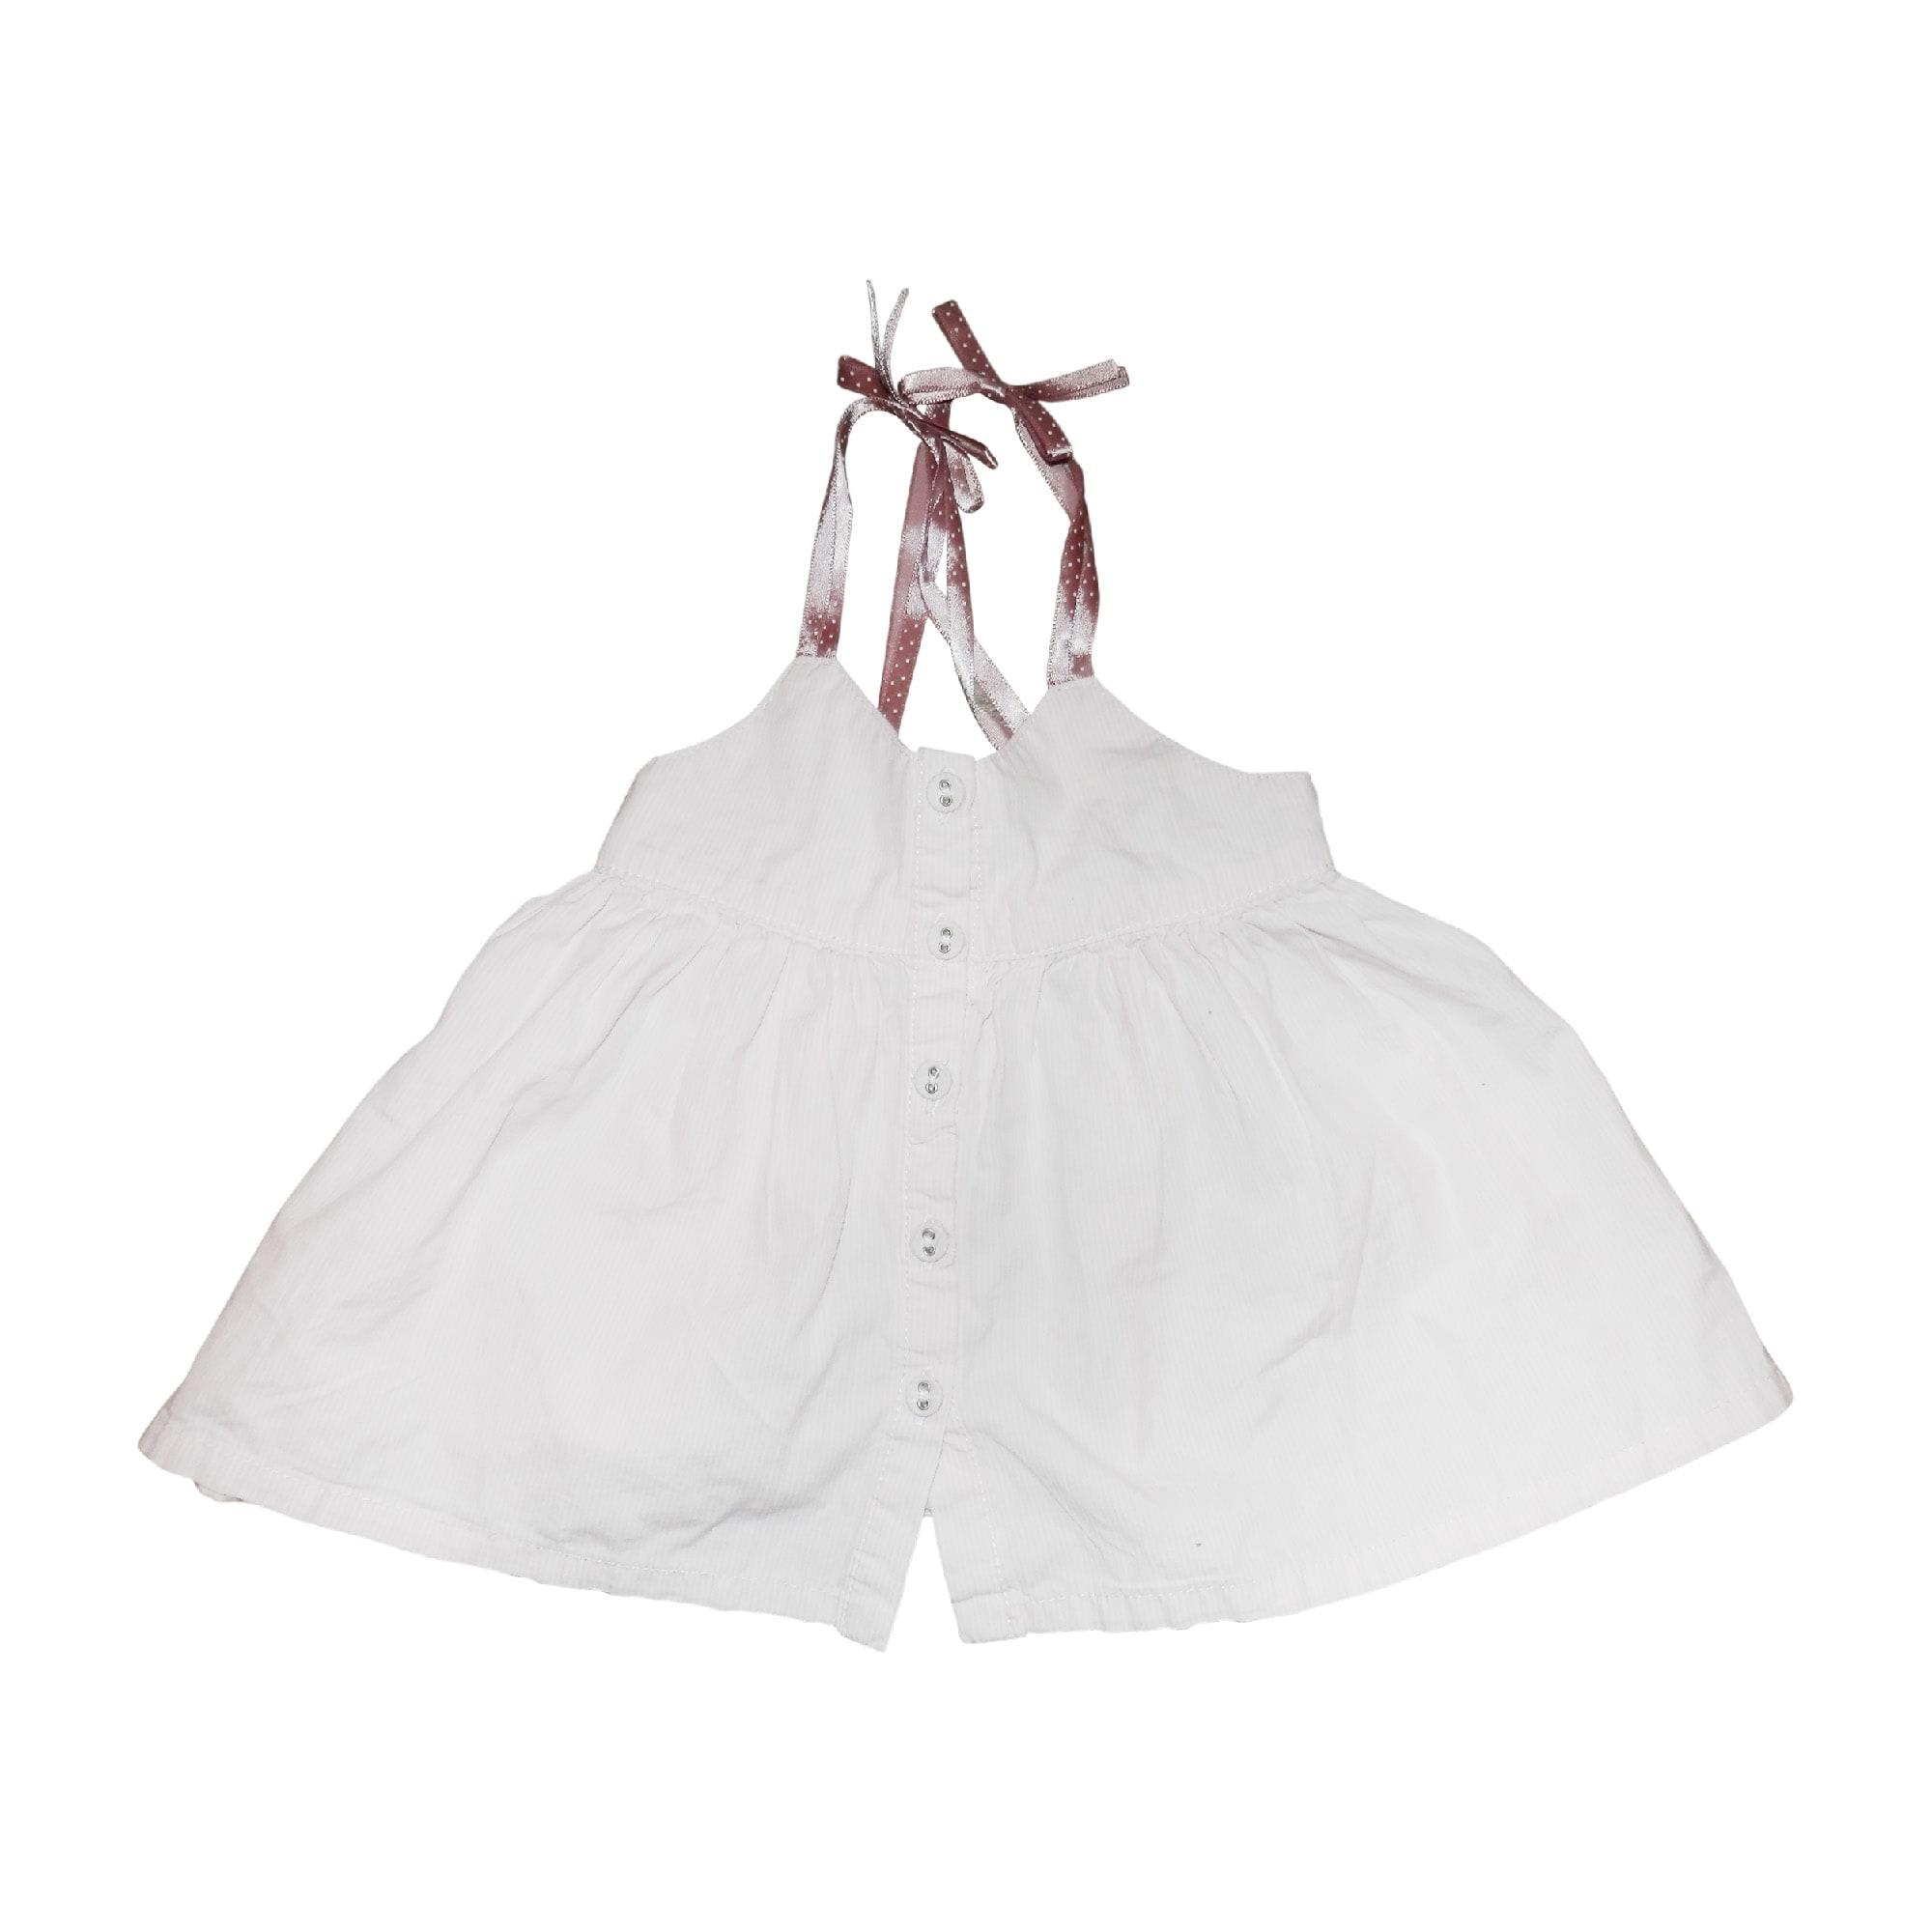 Blouse, Short-sleeved Shirt LILI GAUFRETTE Pink, fuchsia, light pink